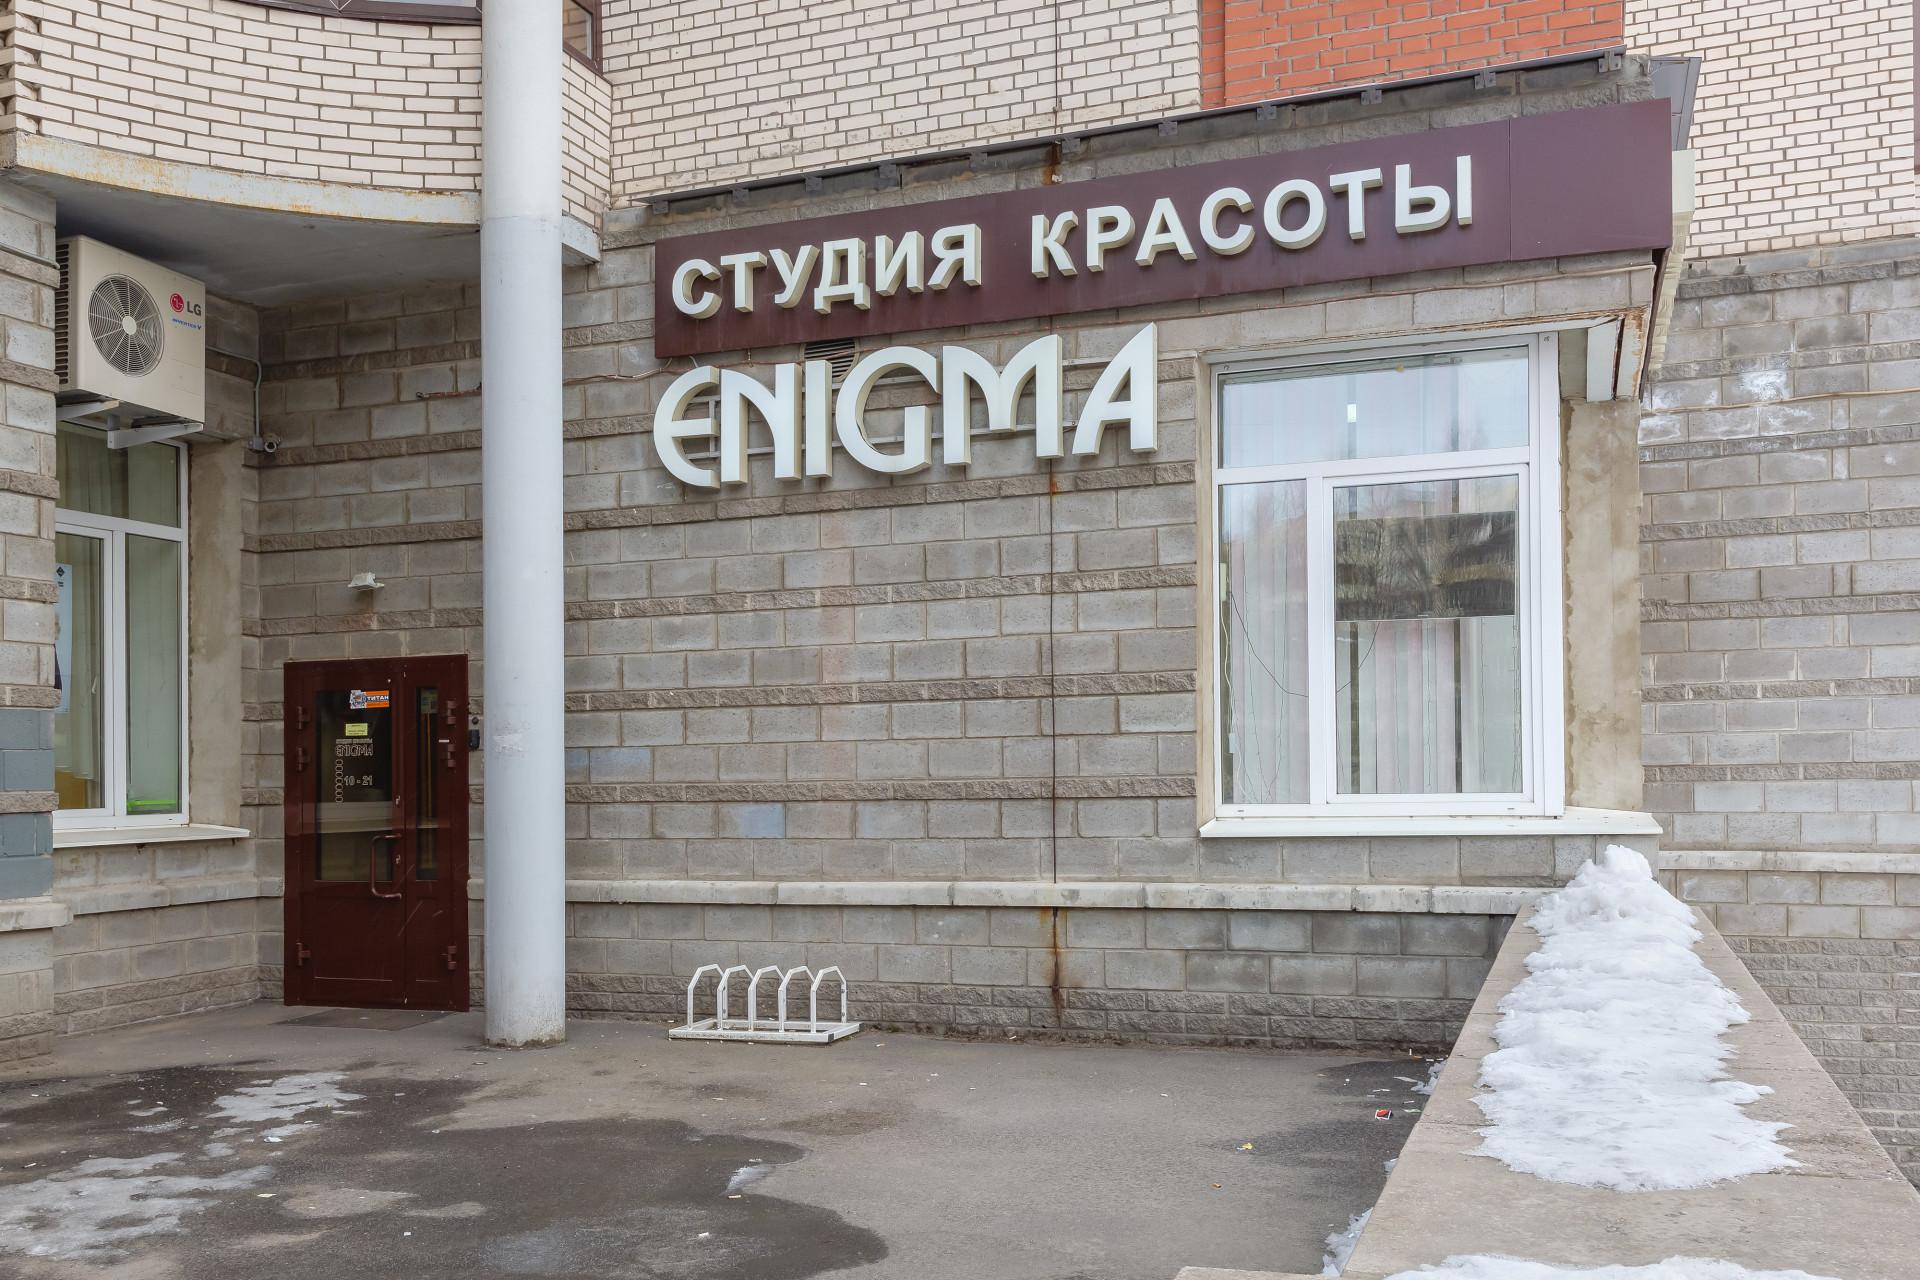 """Салон красоты """"Энигма"""" на Кондратьевском проспекте"""